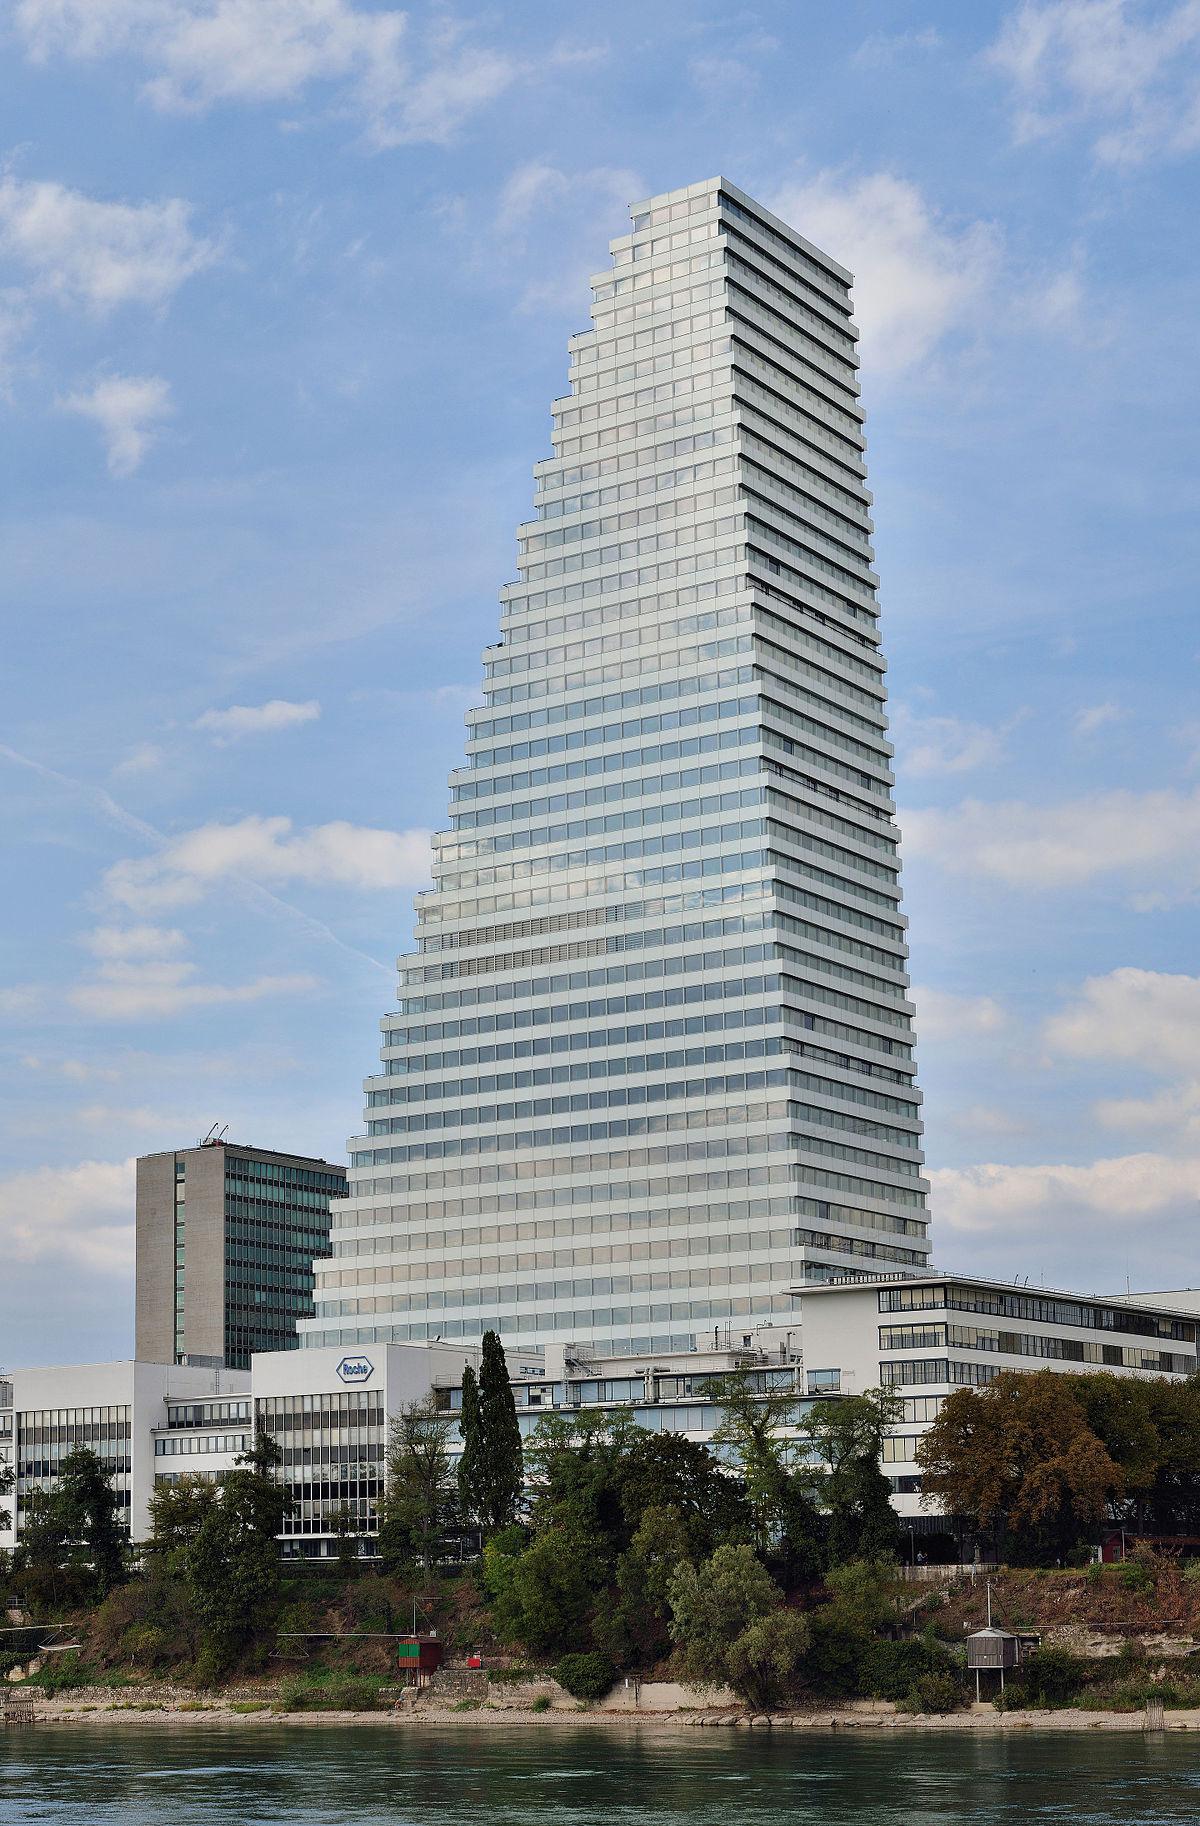 Roche Turm Bau 1 Wikipedia